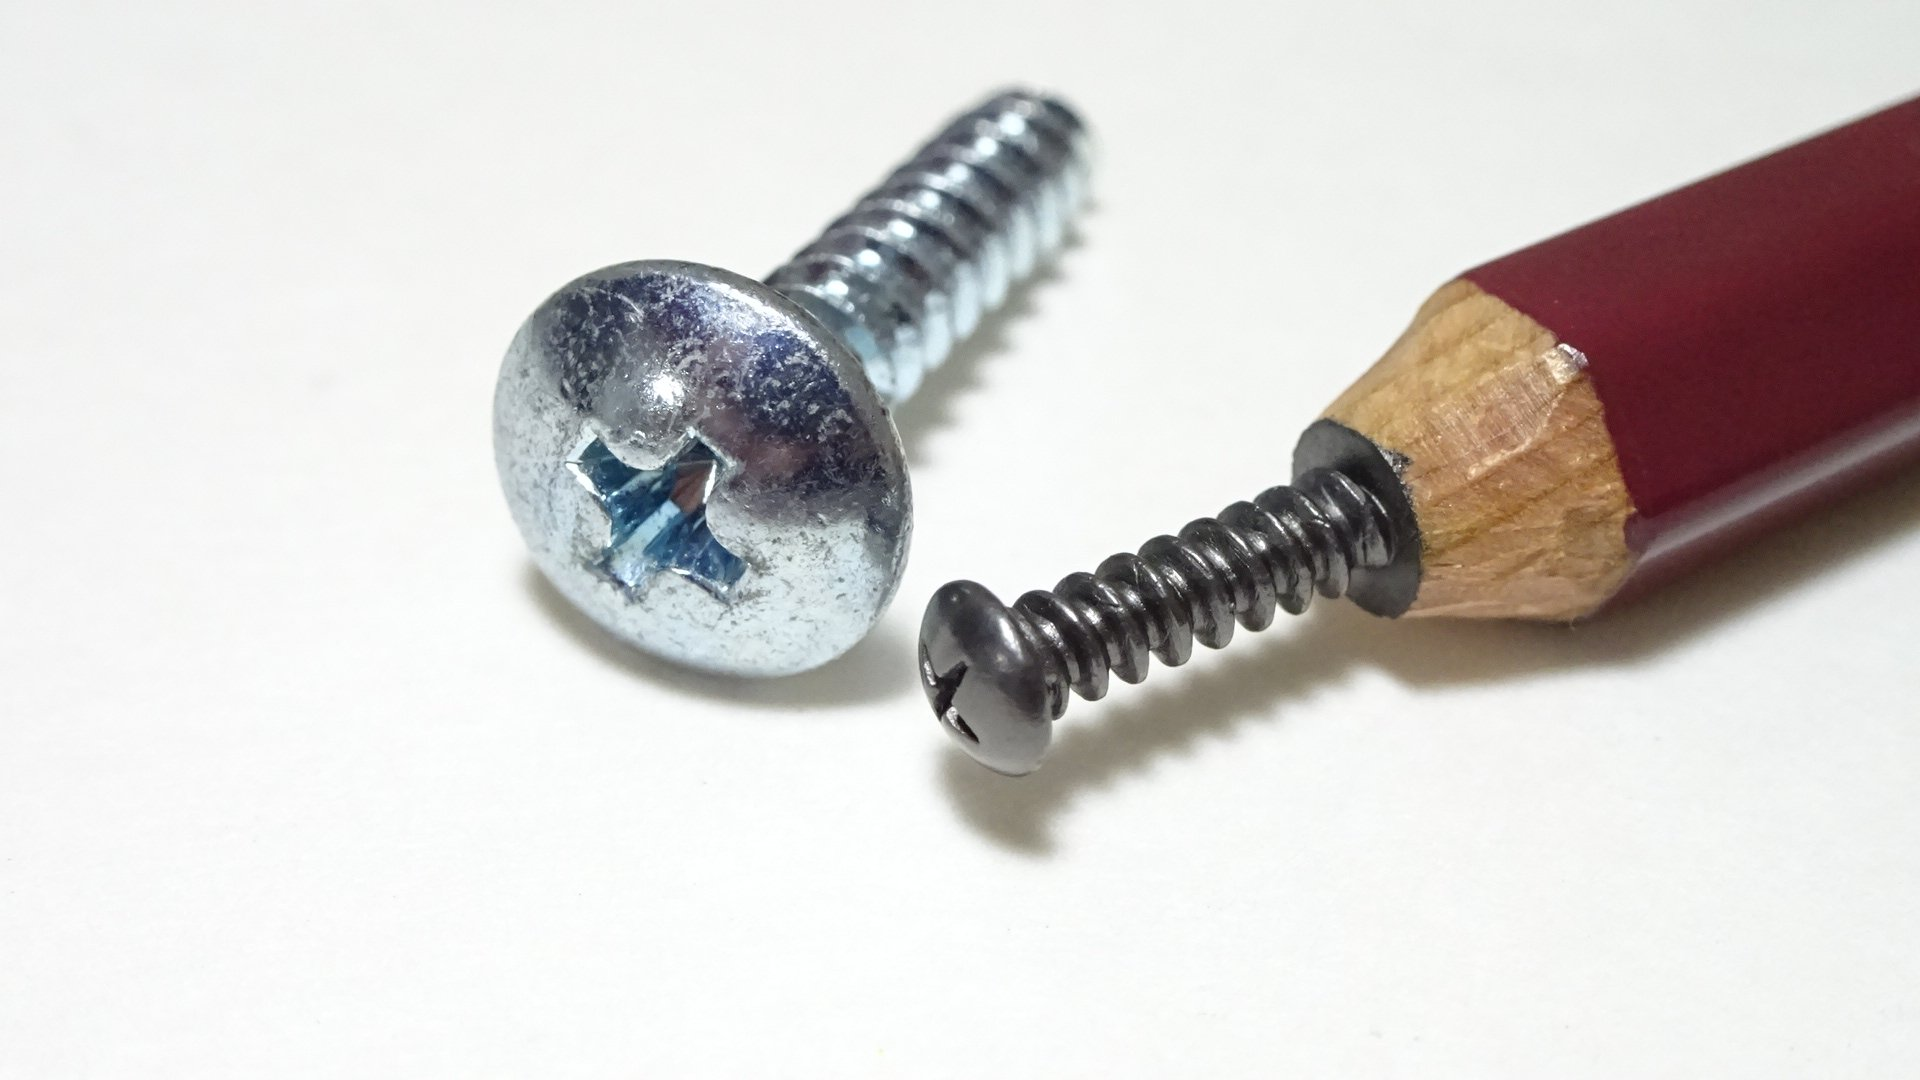 鉛筆の芯でつくったネジ